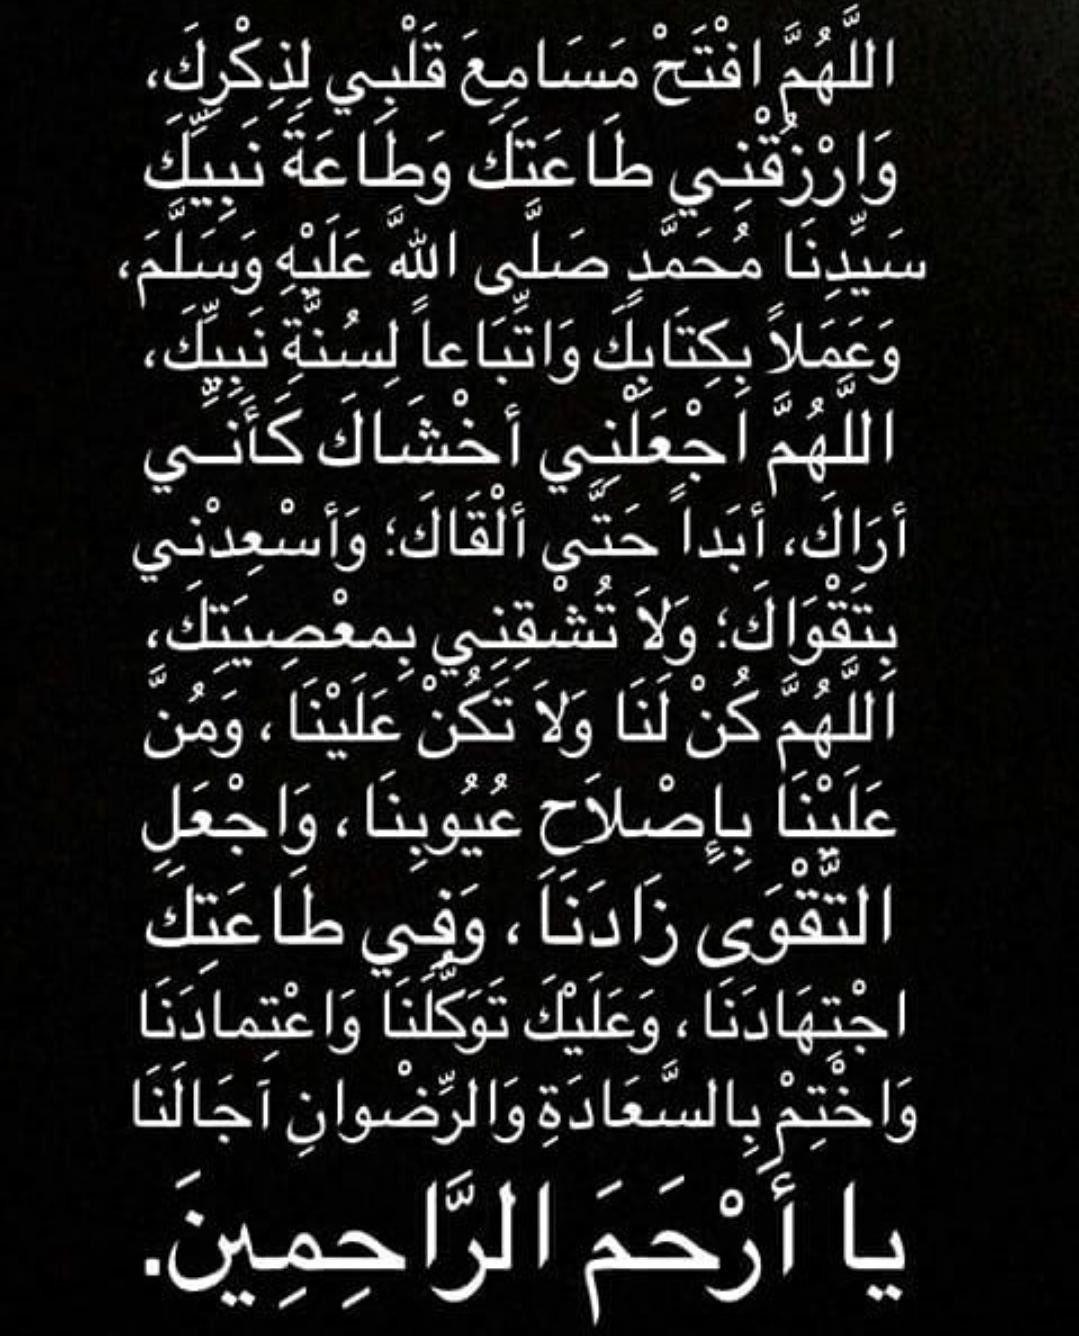 ياارحم الراحمين Islamic Phrases Islam Facts Islamic Quotes